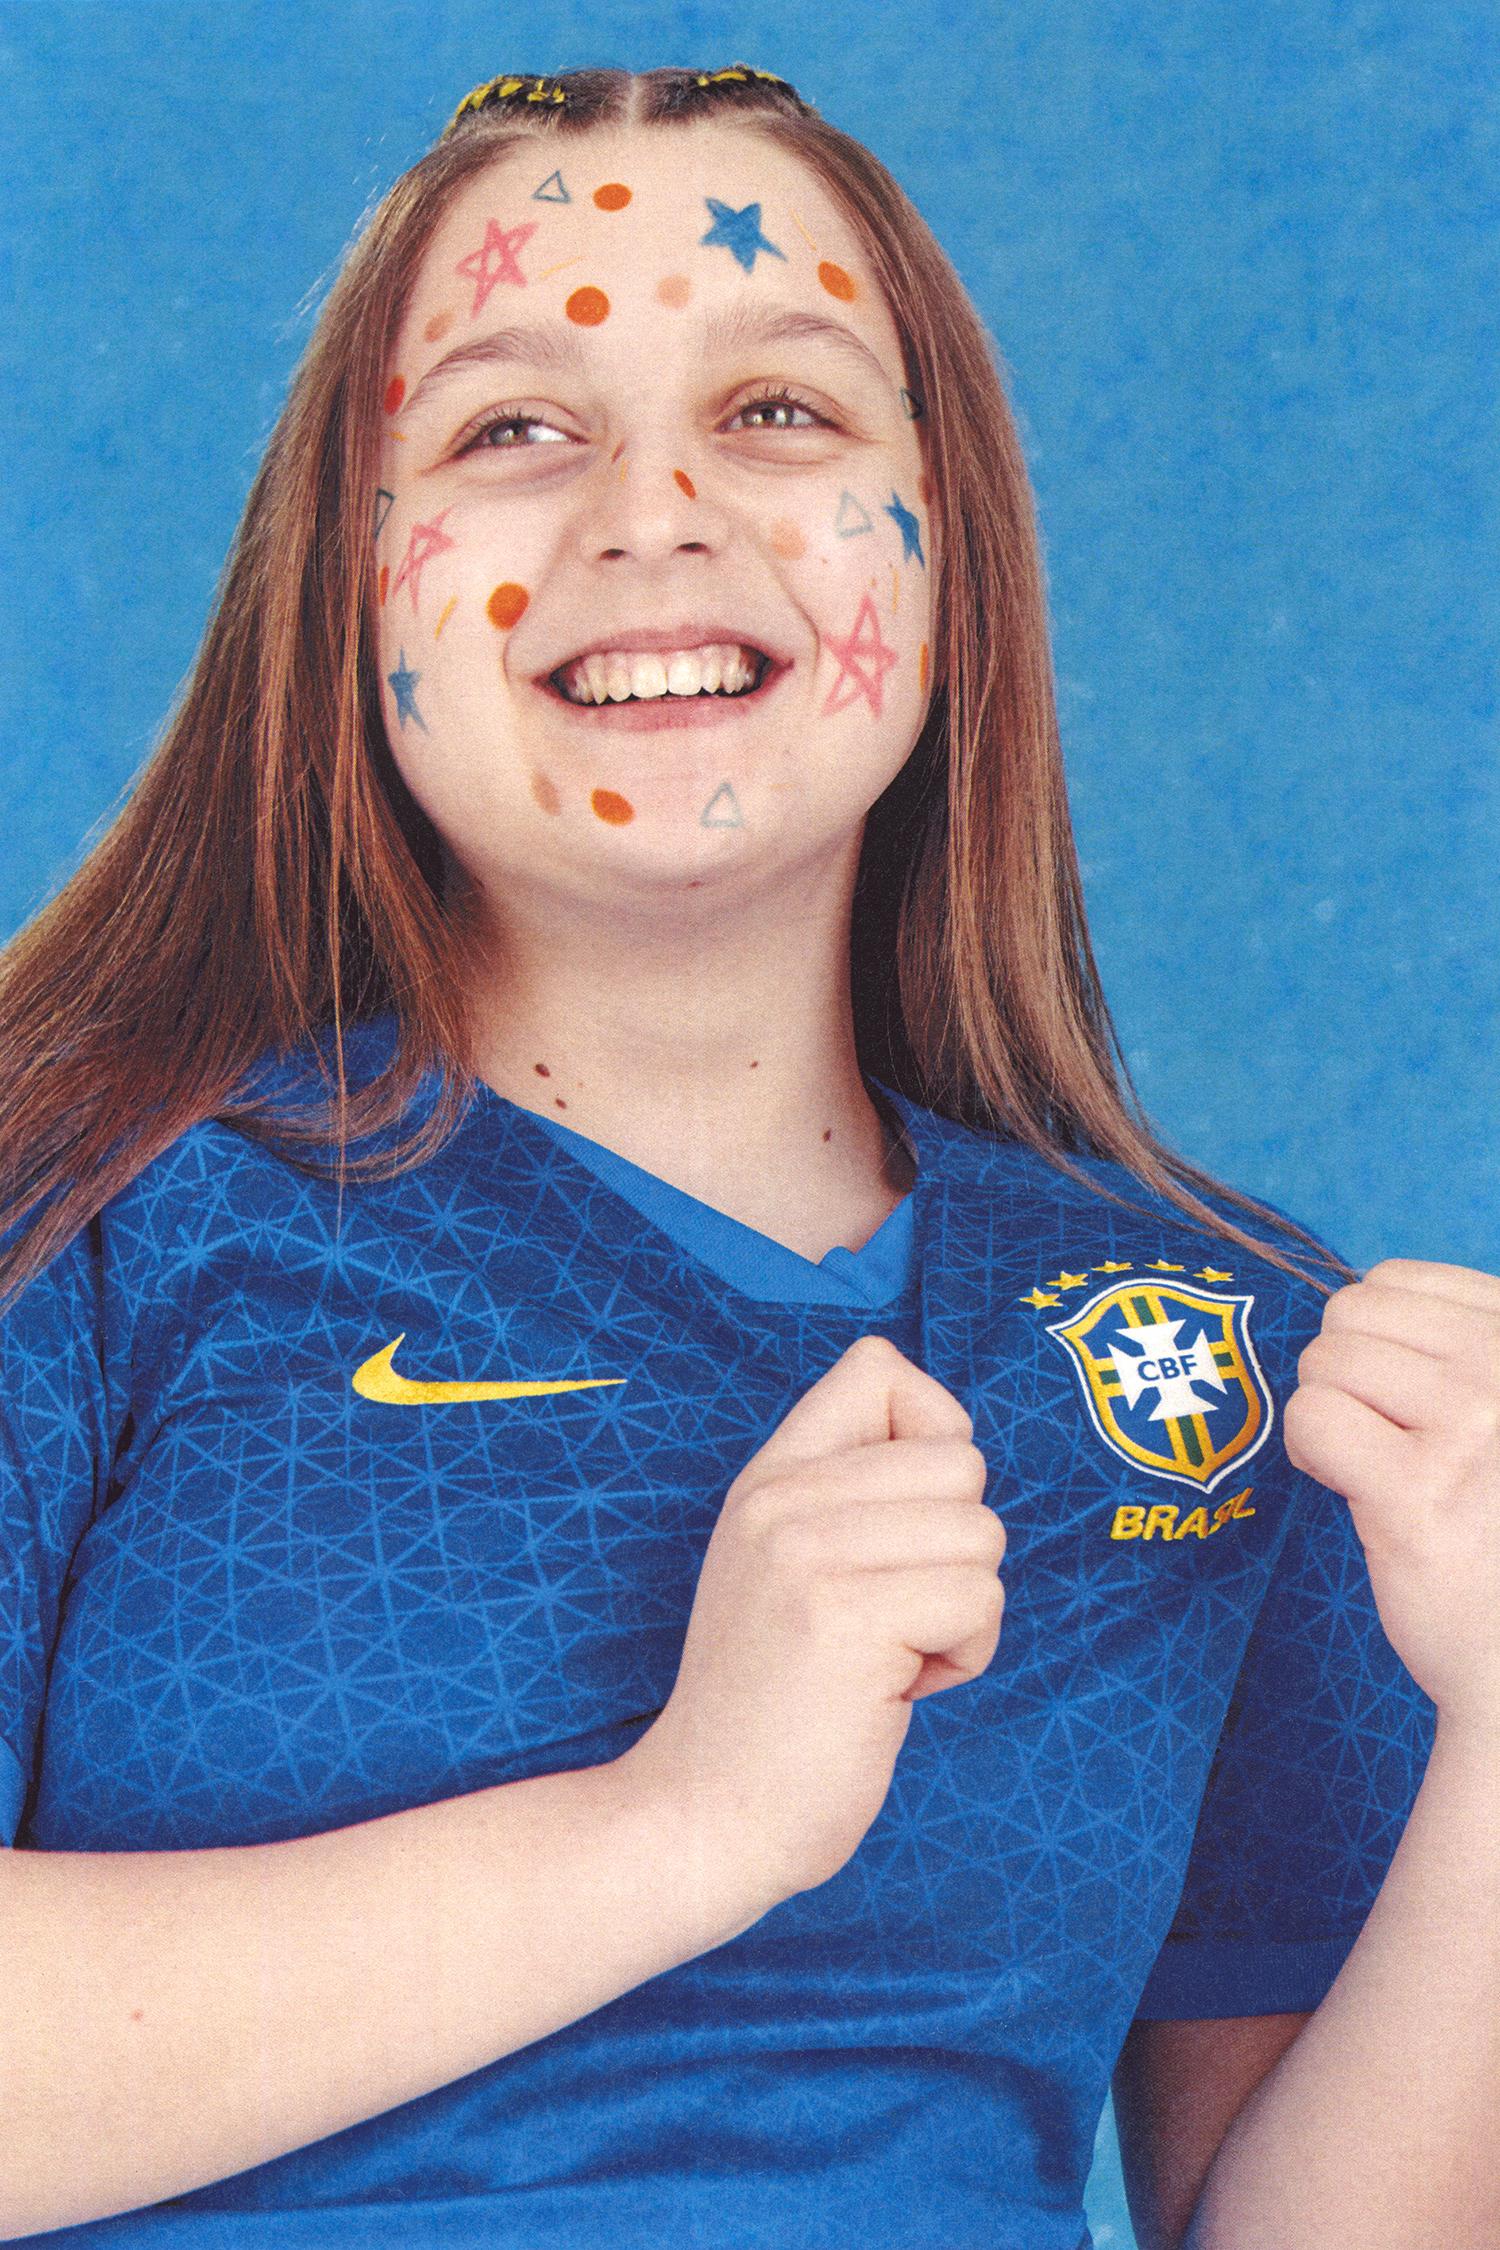 SU19_WC_Editorial_Profile_Brazil_001_reduced.jpg